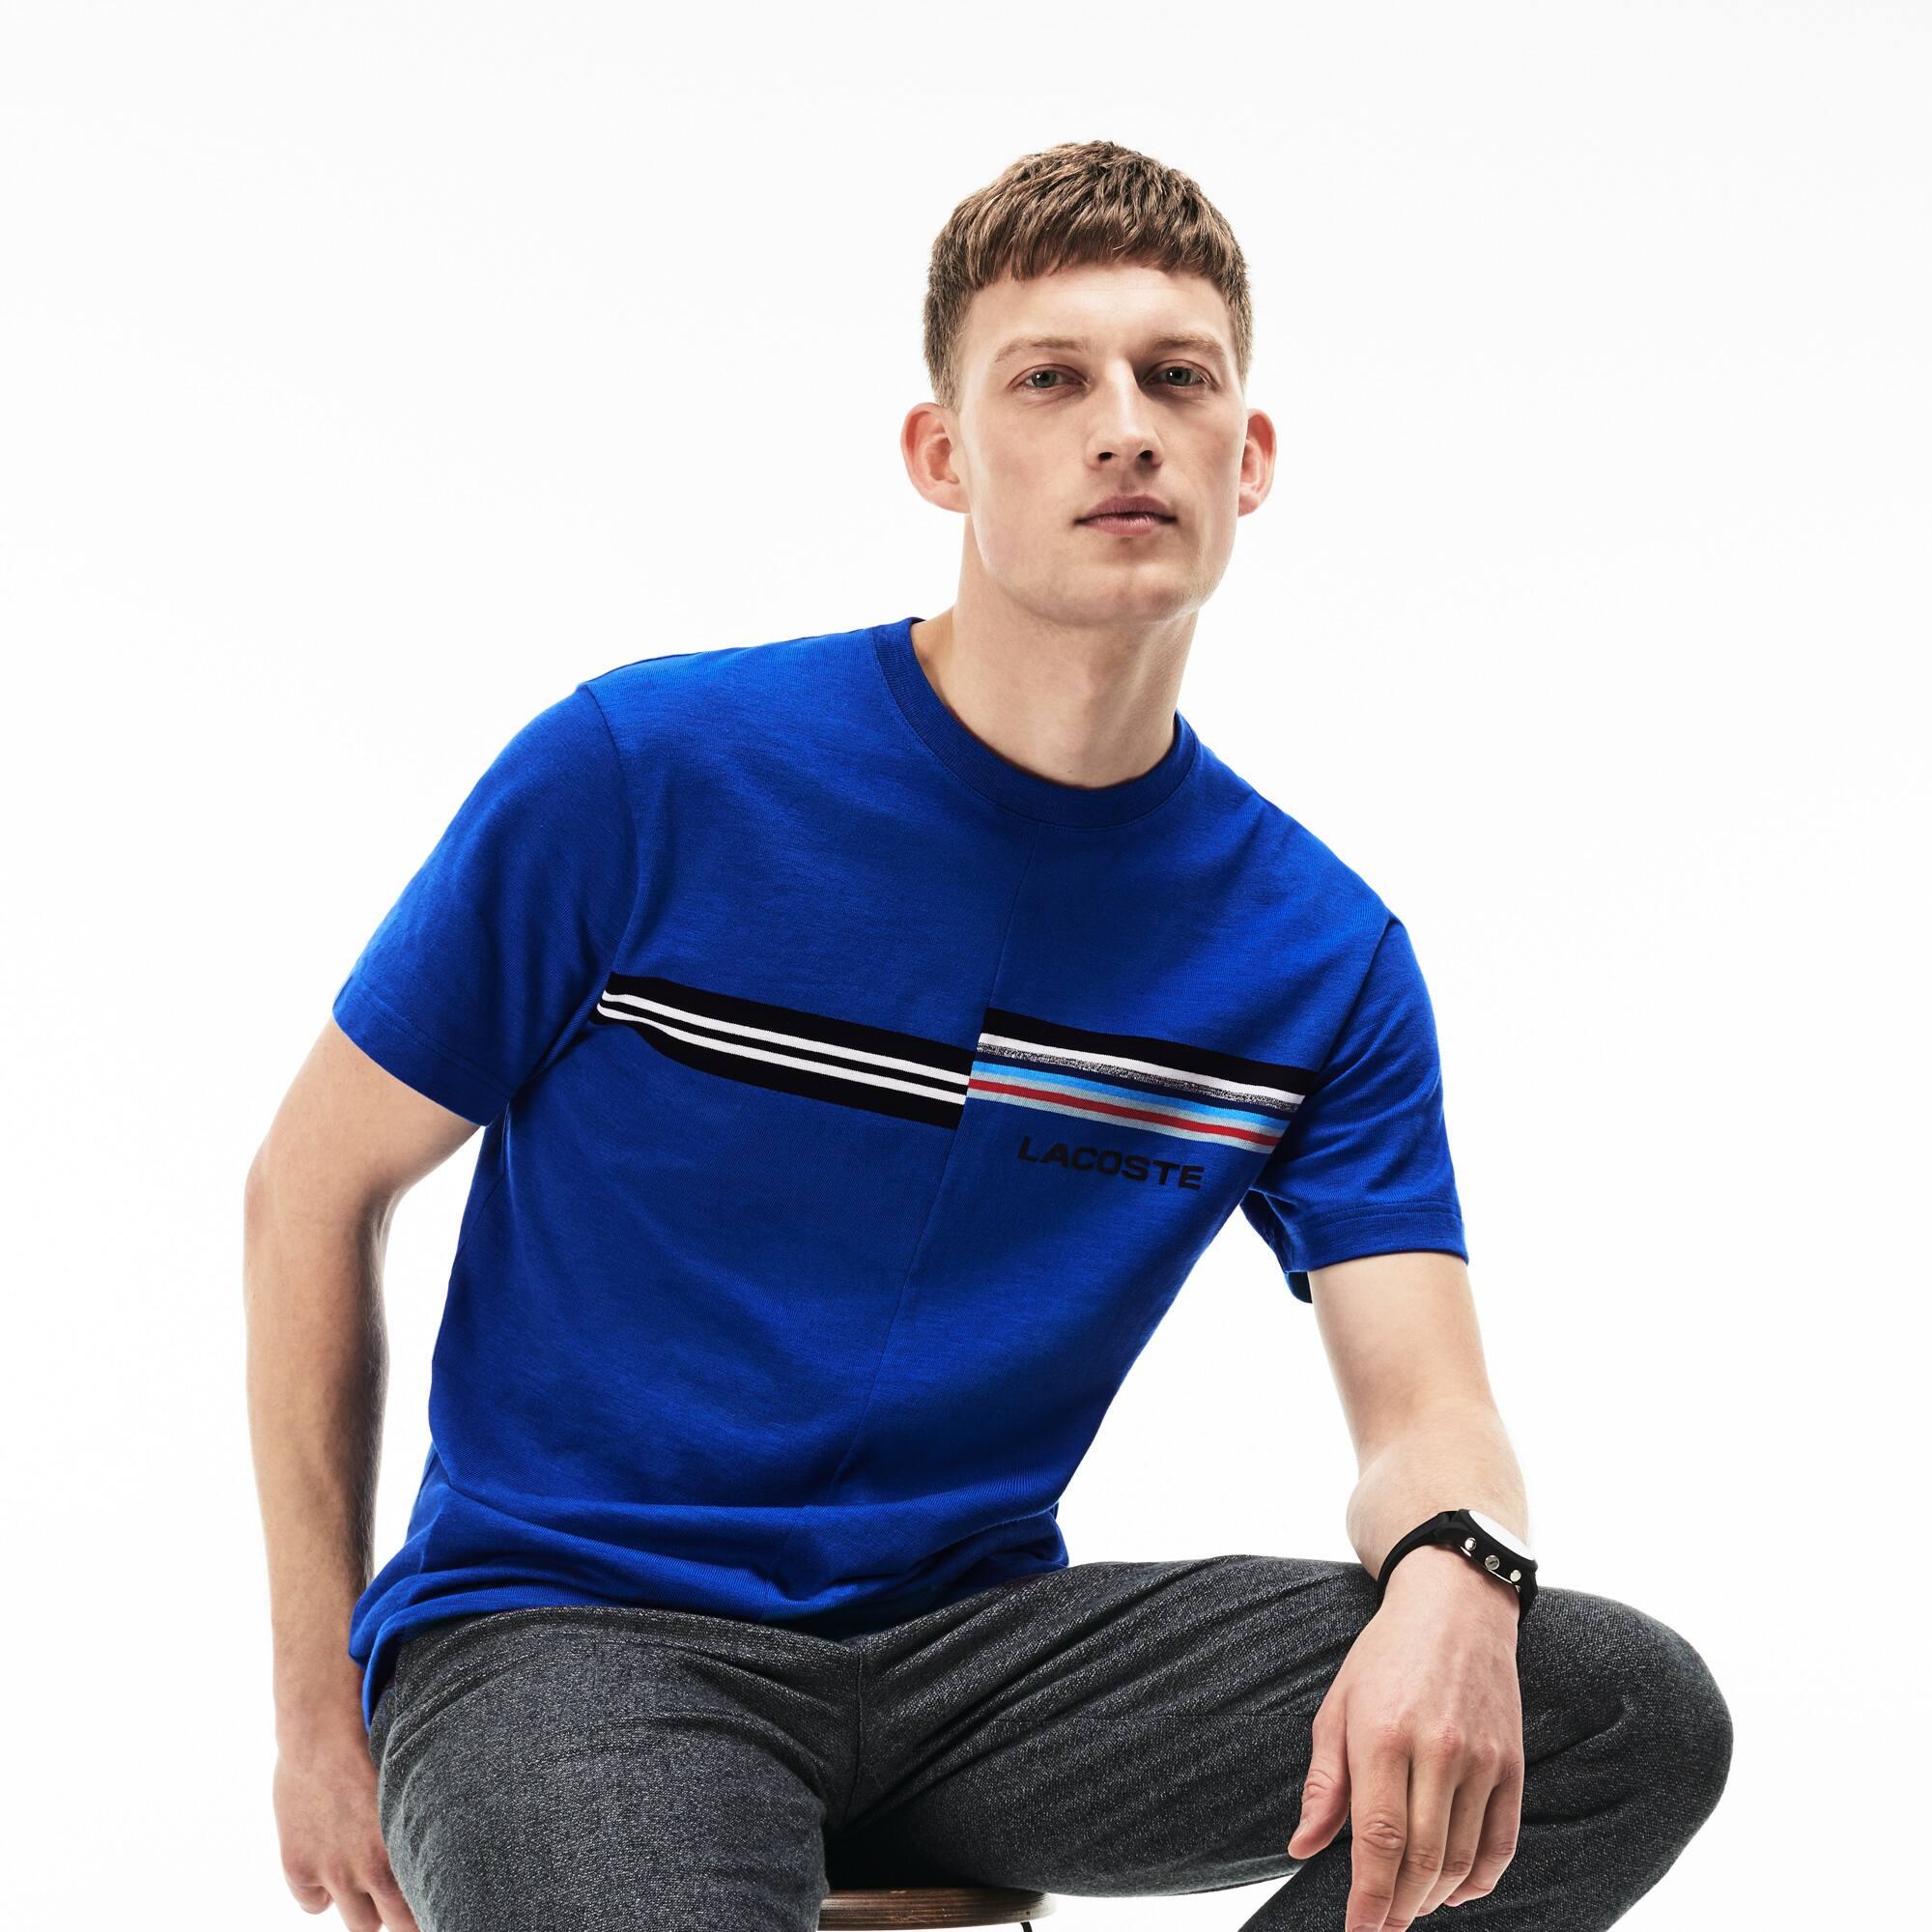 Herren-Rundhals-Shirt aus Jersey mit LACOSTE-3D-Logo und Aufdruck